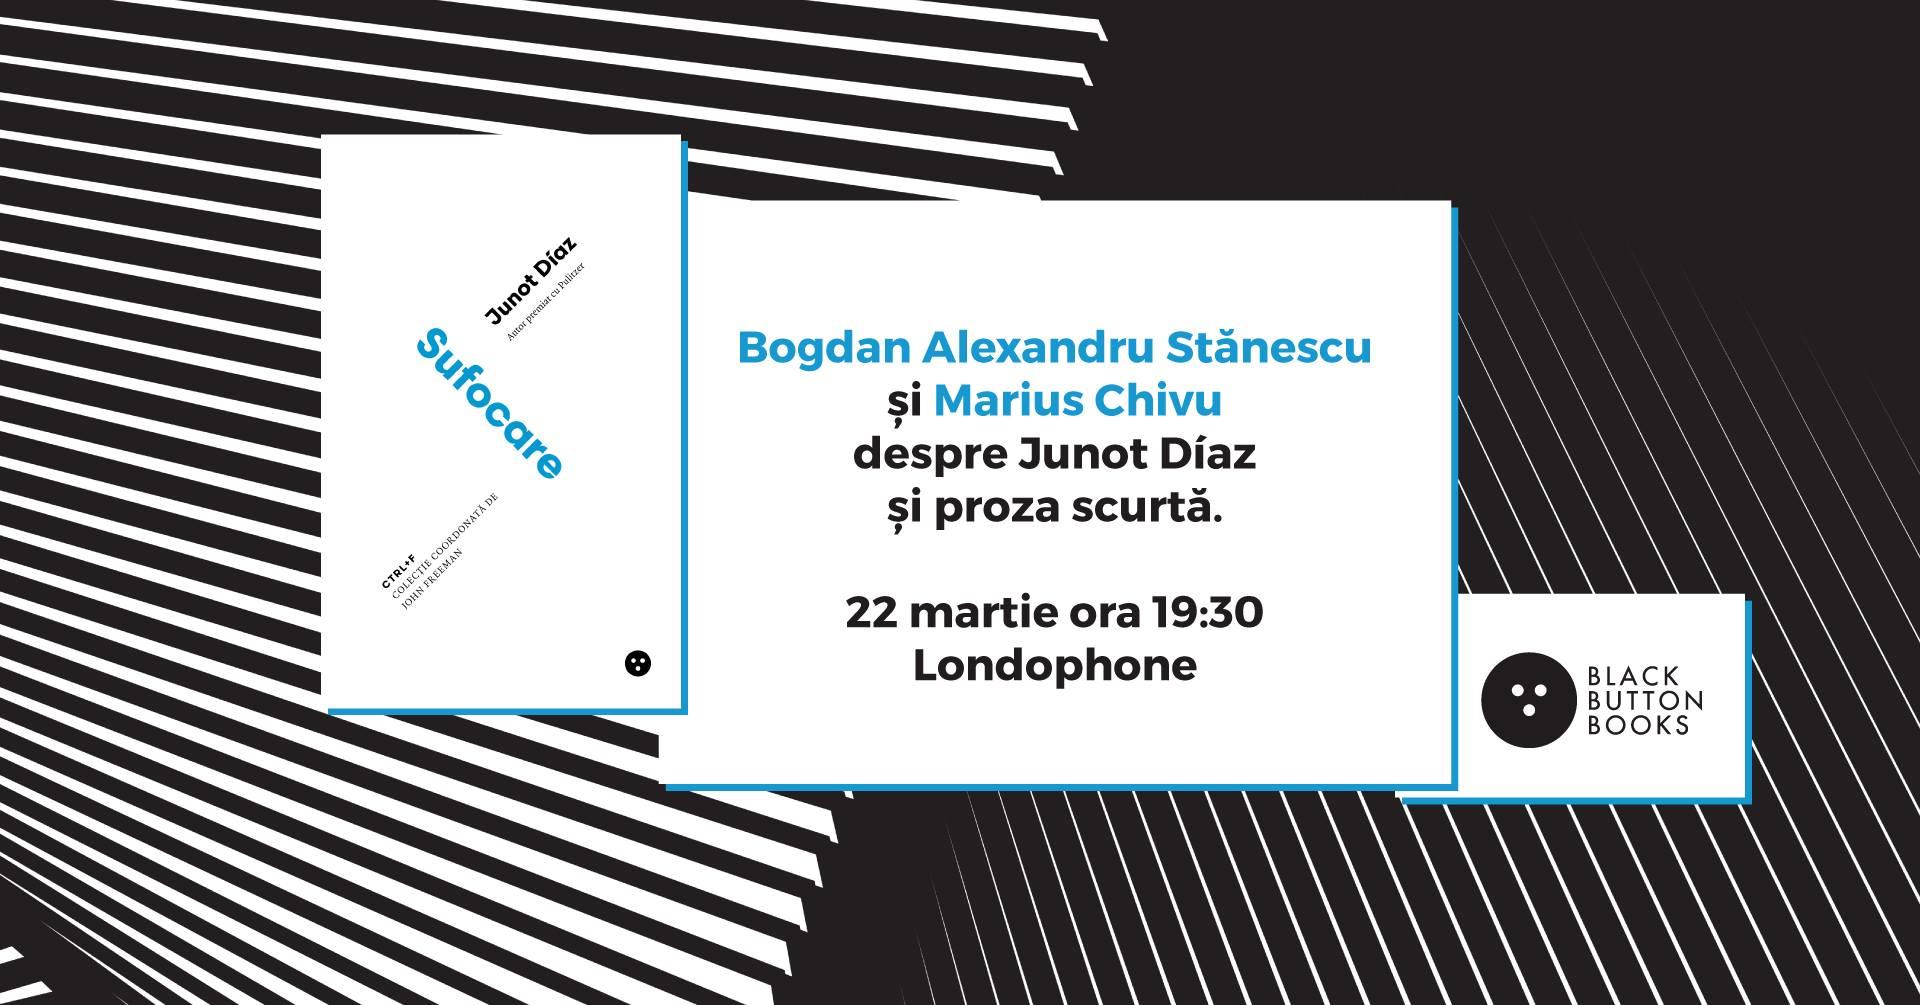 Bogdan Alexandru Stănescu și Marius Chivu despre proză scurtă